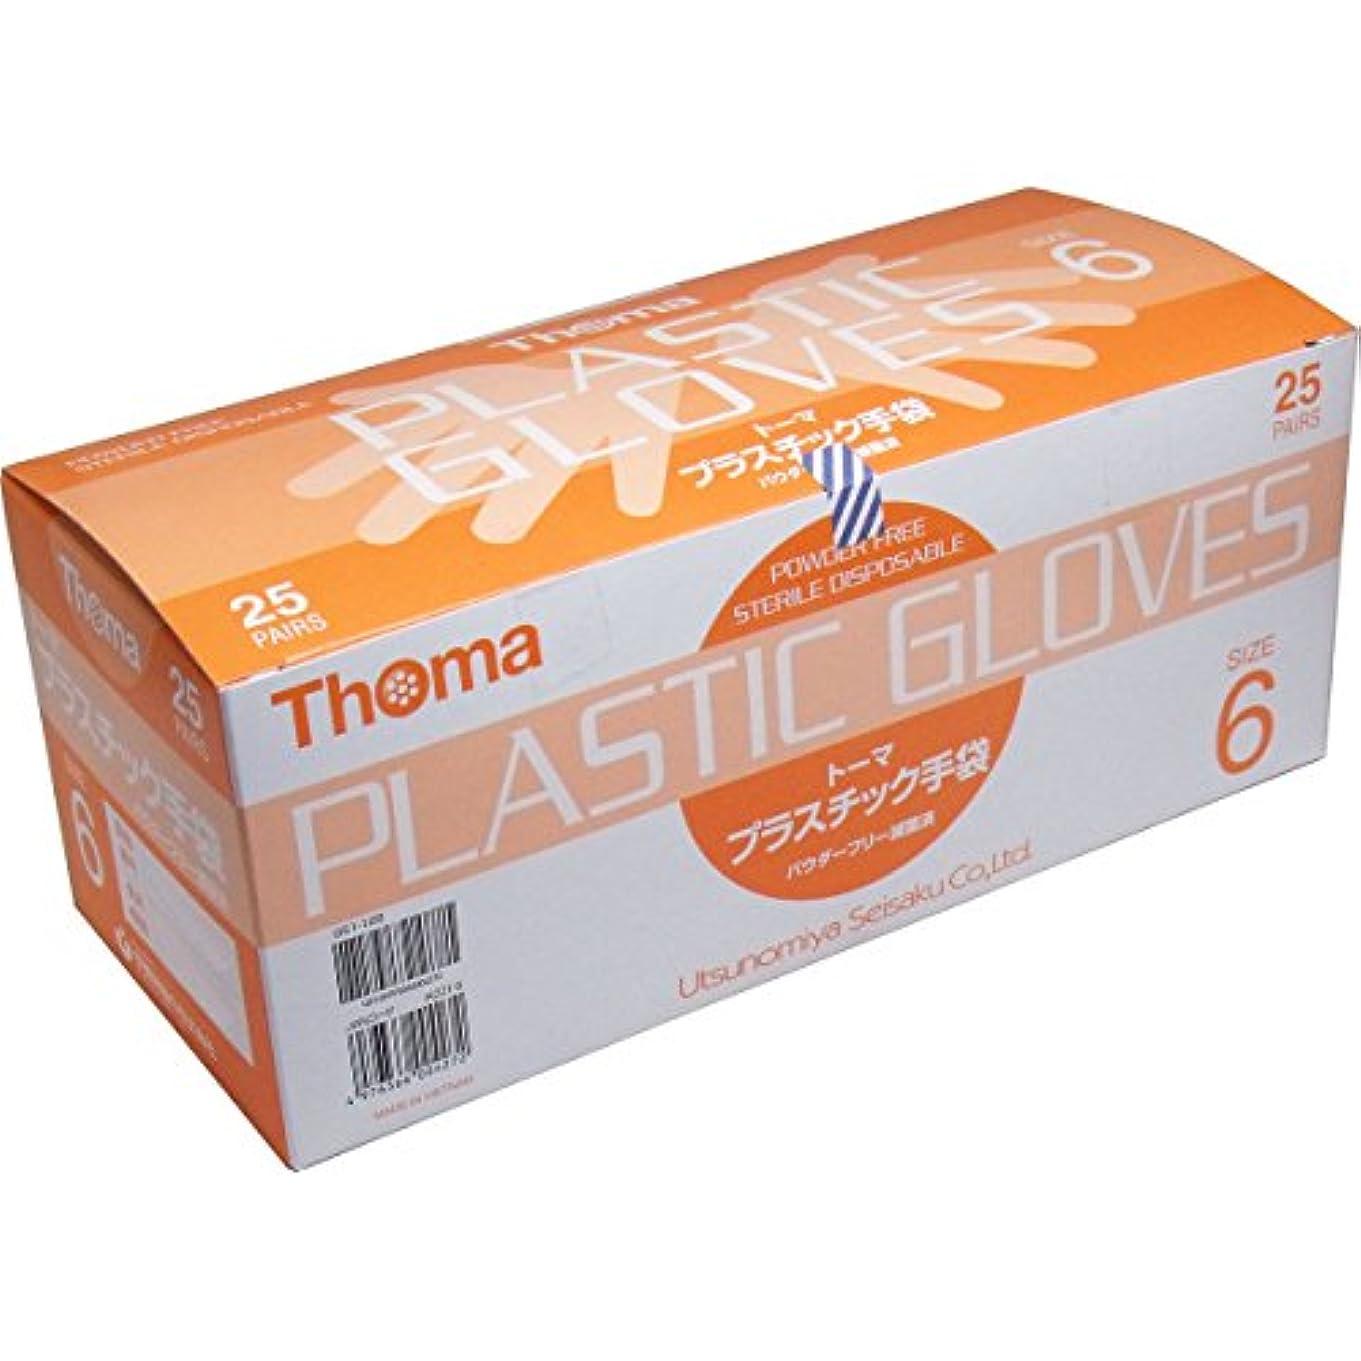 吸収剤量著作権トーマ プラスチック手袋 パウダーフリー滅菌済 25双入 サイズ6